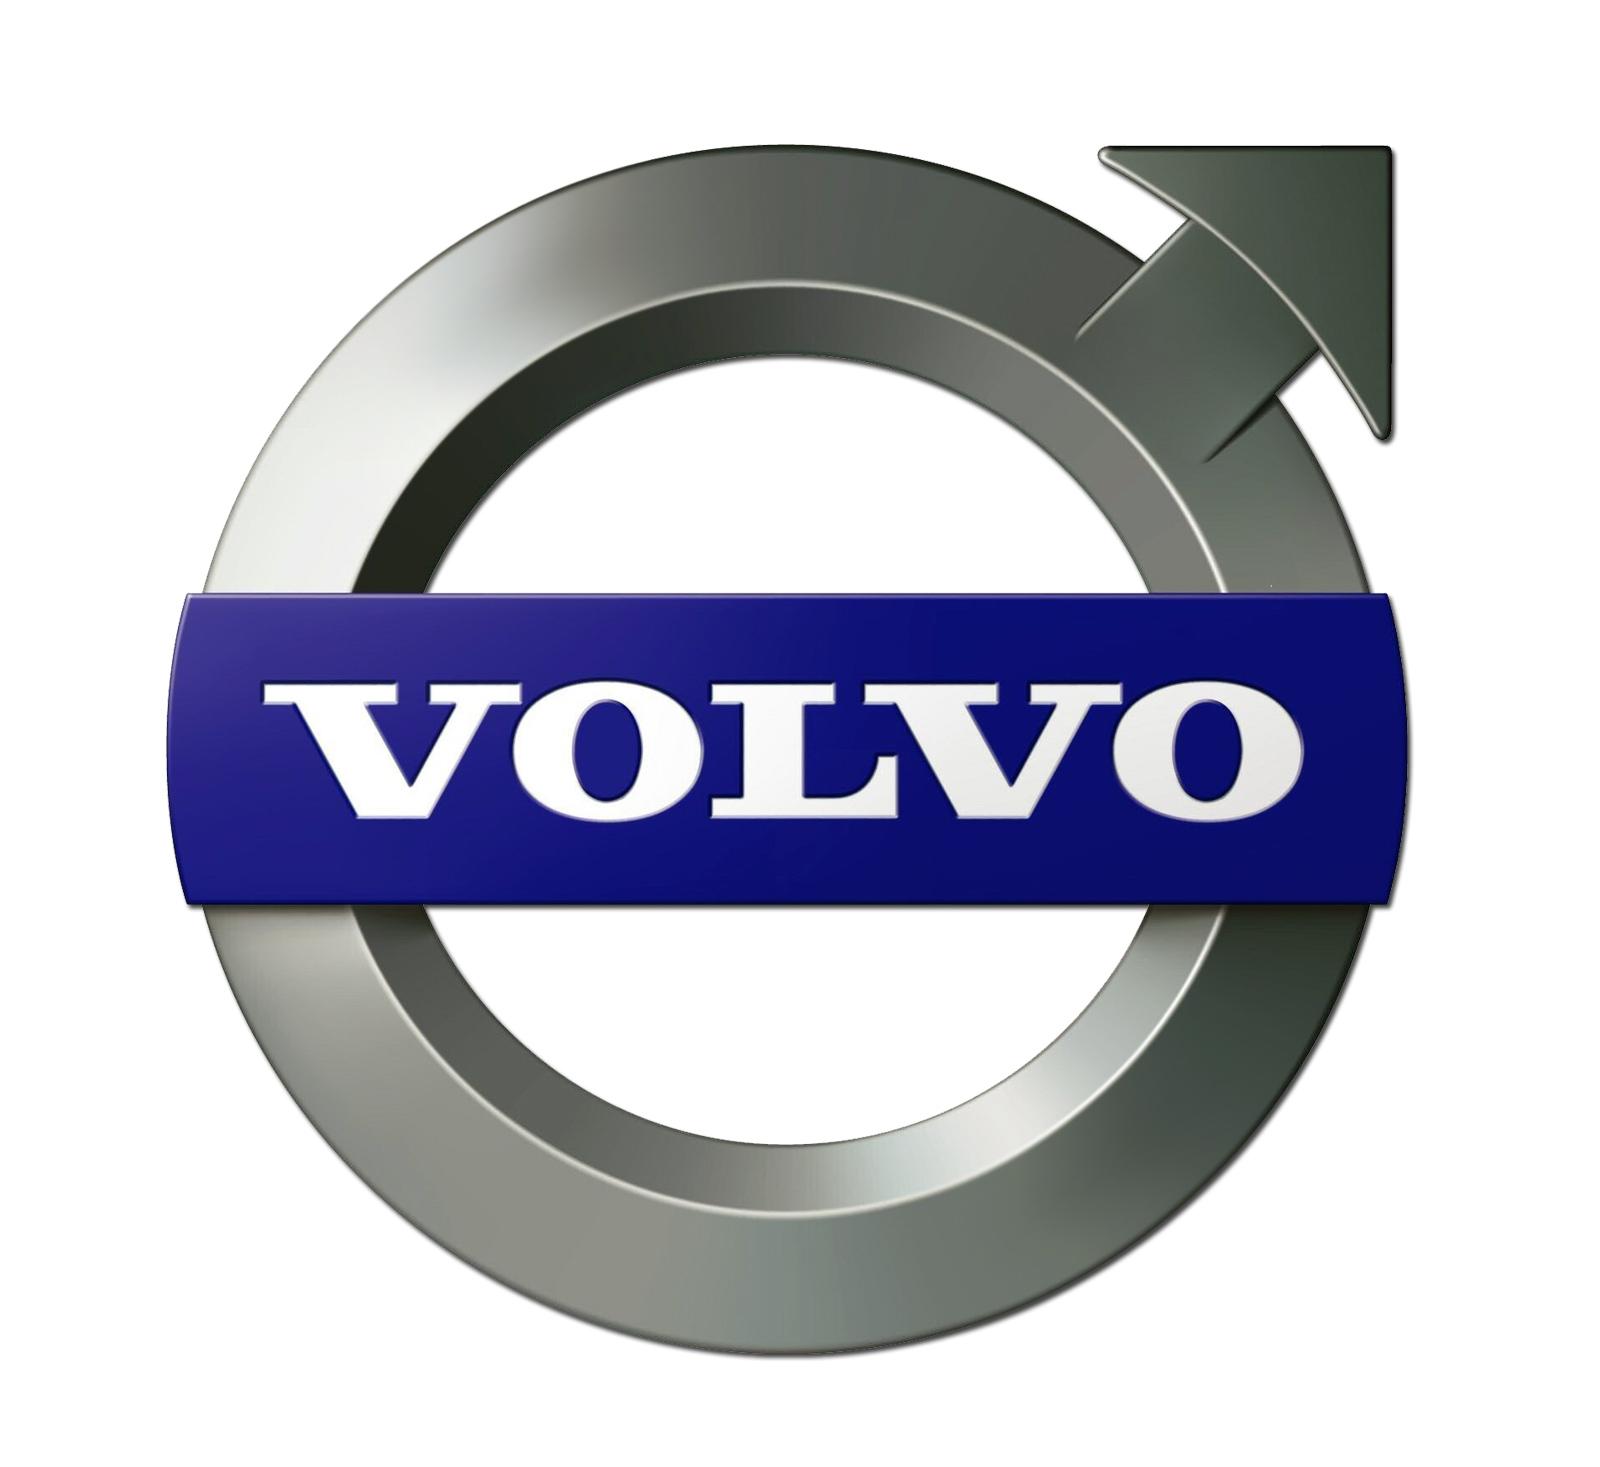 Volvo S60 Polestar 2013: Large Volvo Car Logo